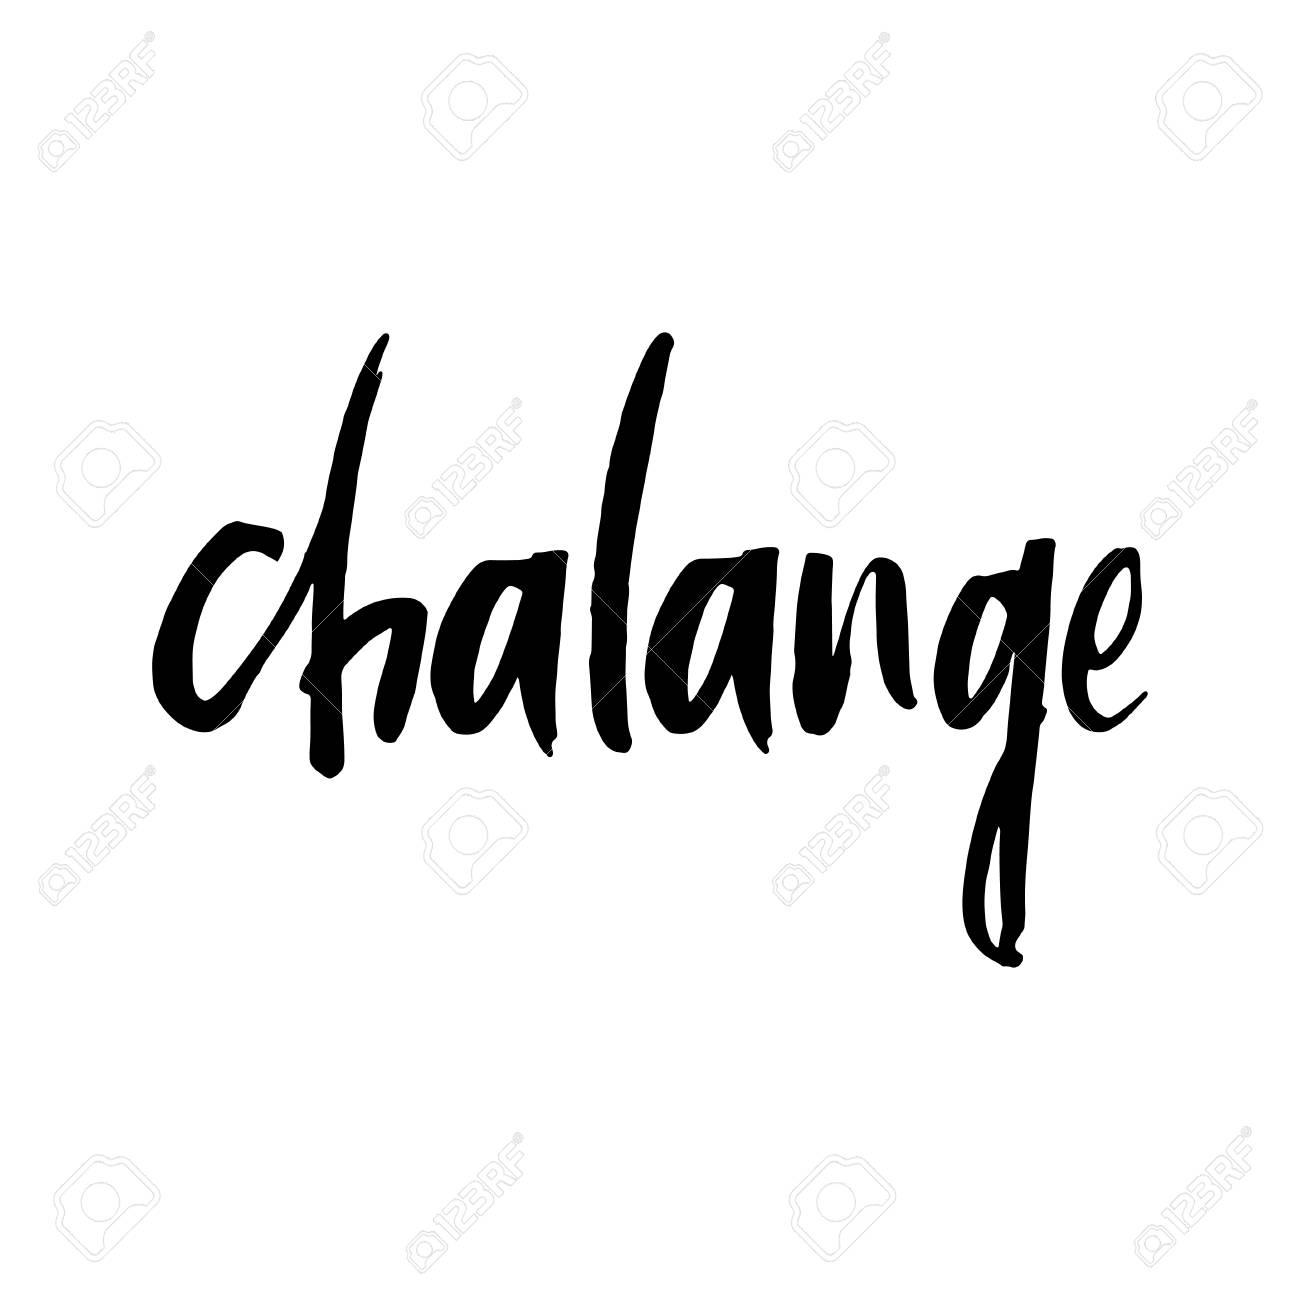 Handgezeichnete Wort-Chalange. Schriftzug Design Für Poster, T ...